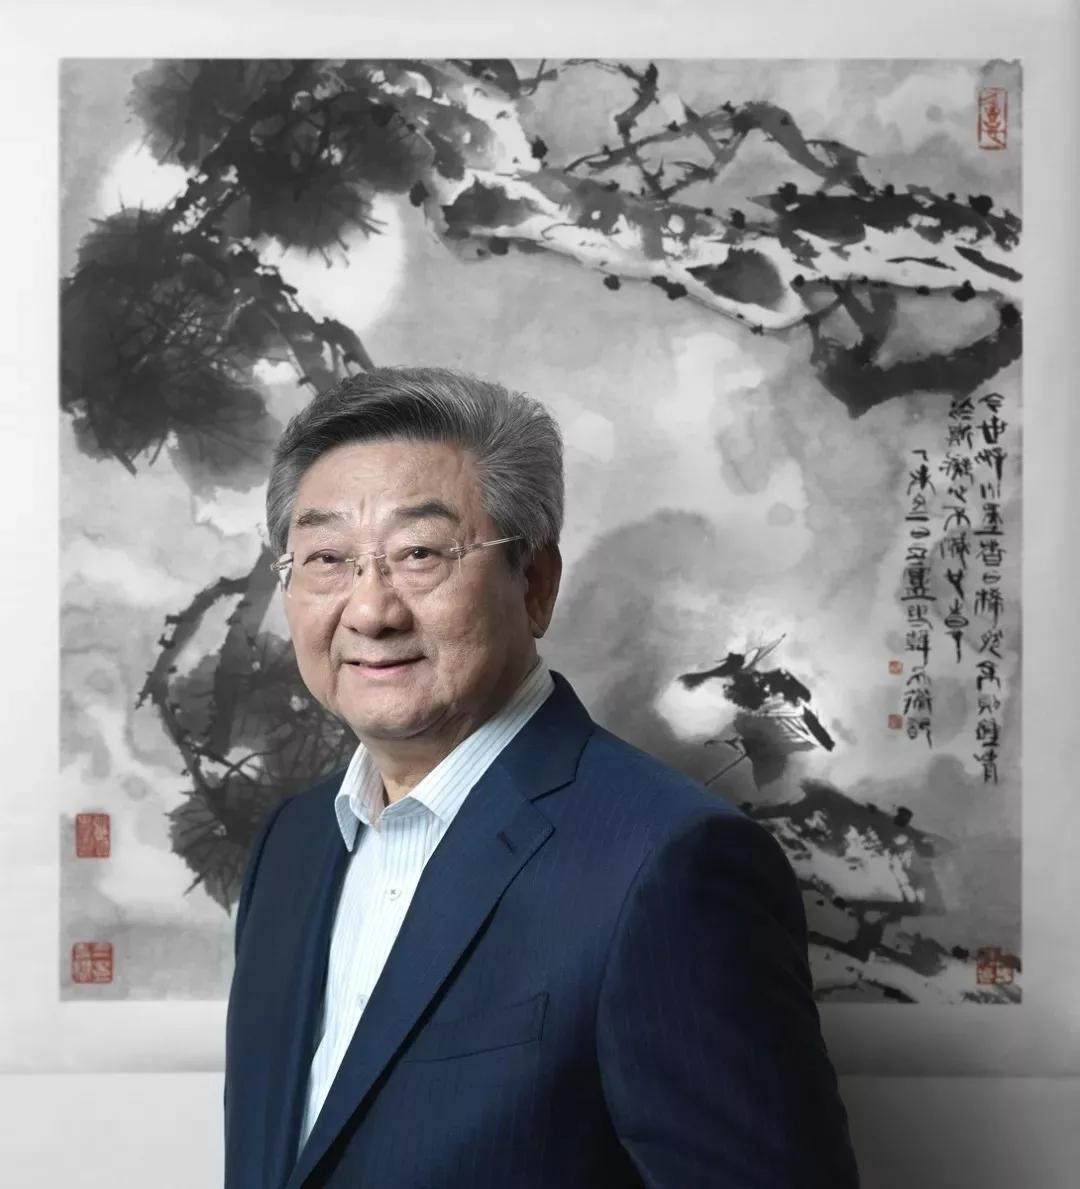 韩天衡:篆刻艺术四十多年来是前所未有的繁荣